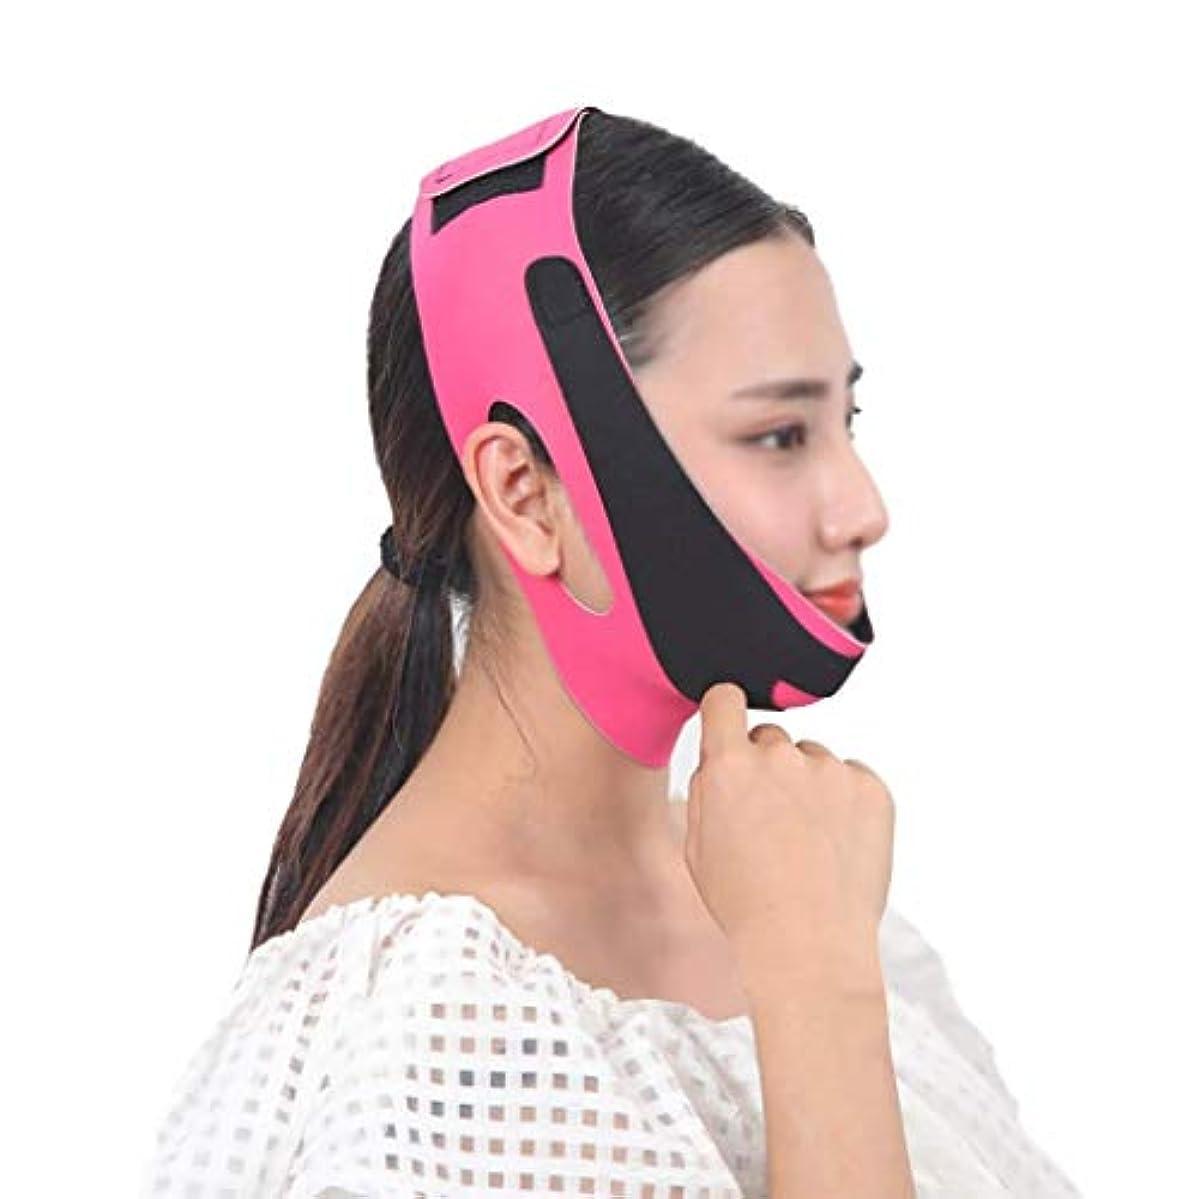 ファイアルレイアウト巨大顔と首のリフト術後の弾性フェイスマスク小V顔アーティファクト薄い顔包帯アーティファクトV顔吊り耳リフティング引き締め薄い顔アーティファクト